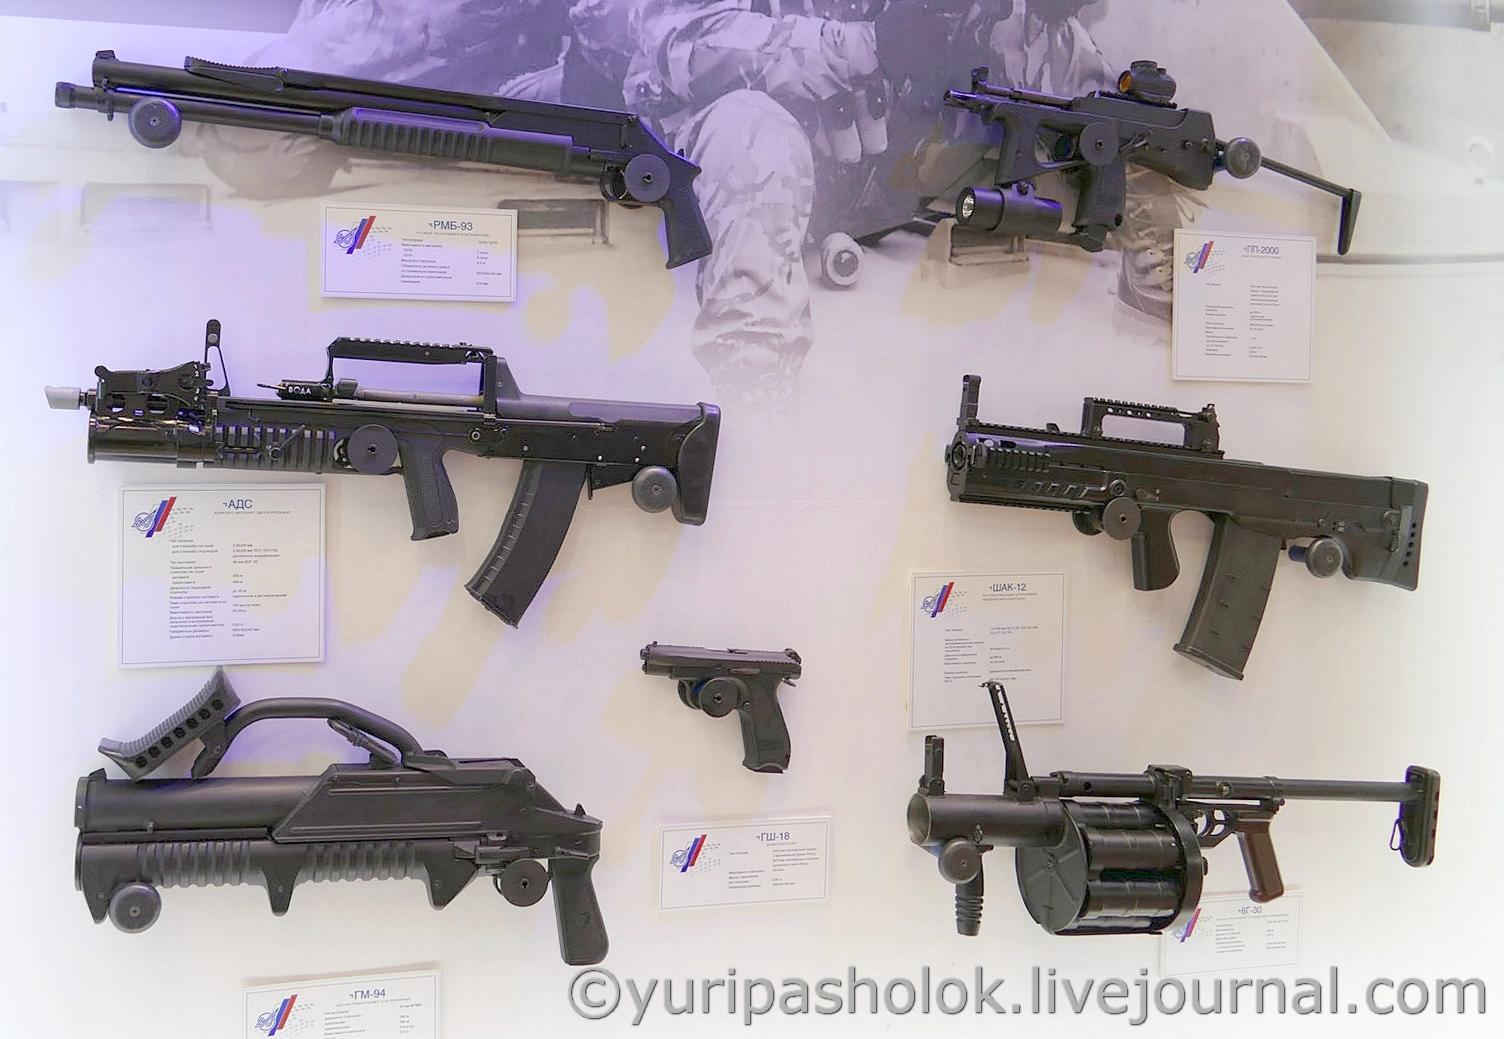 РМБ-93, ГП-40, РГ-6, ПП-2000, ГШ-18, ШАК-12